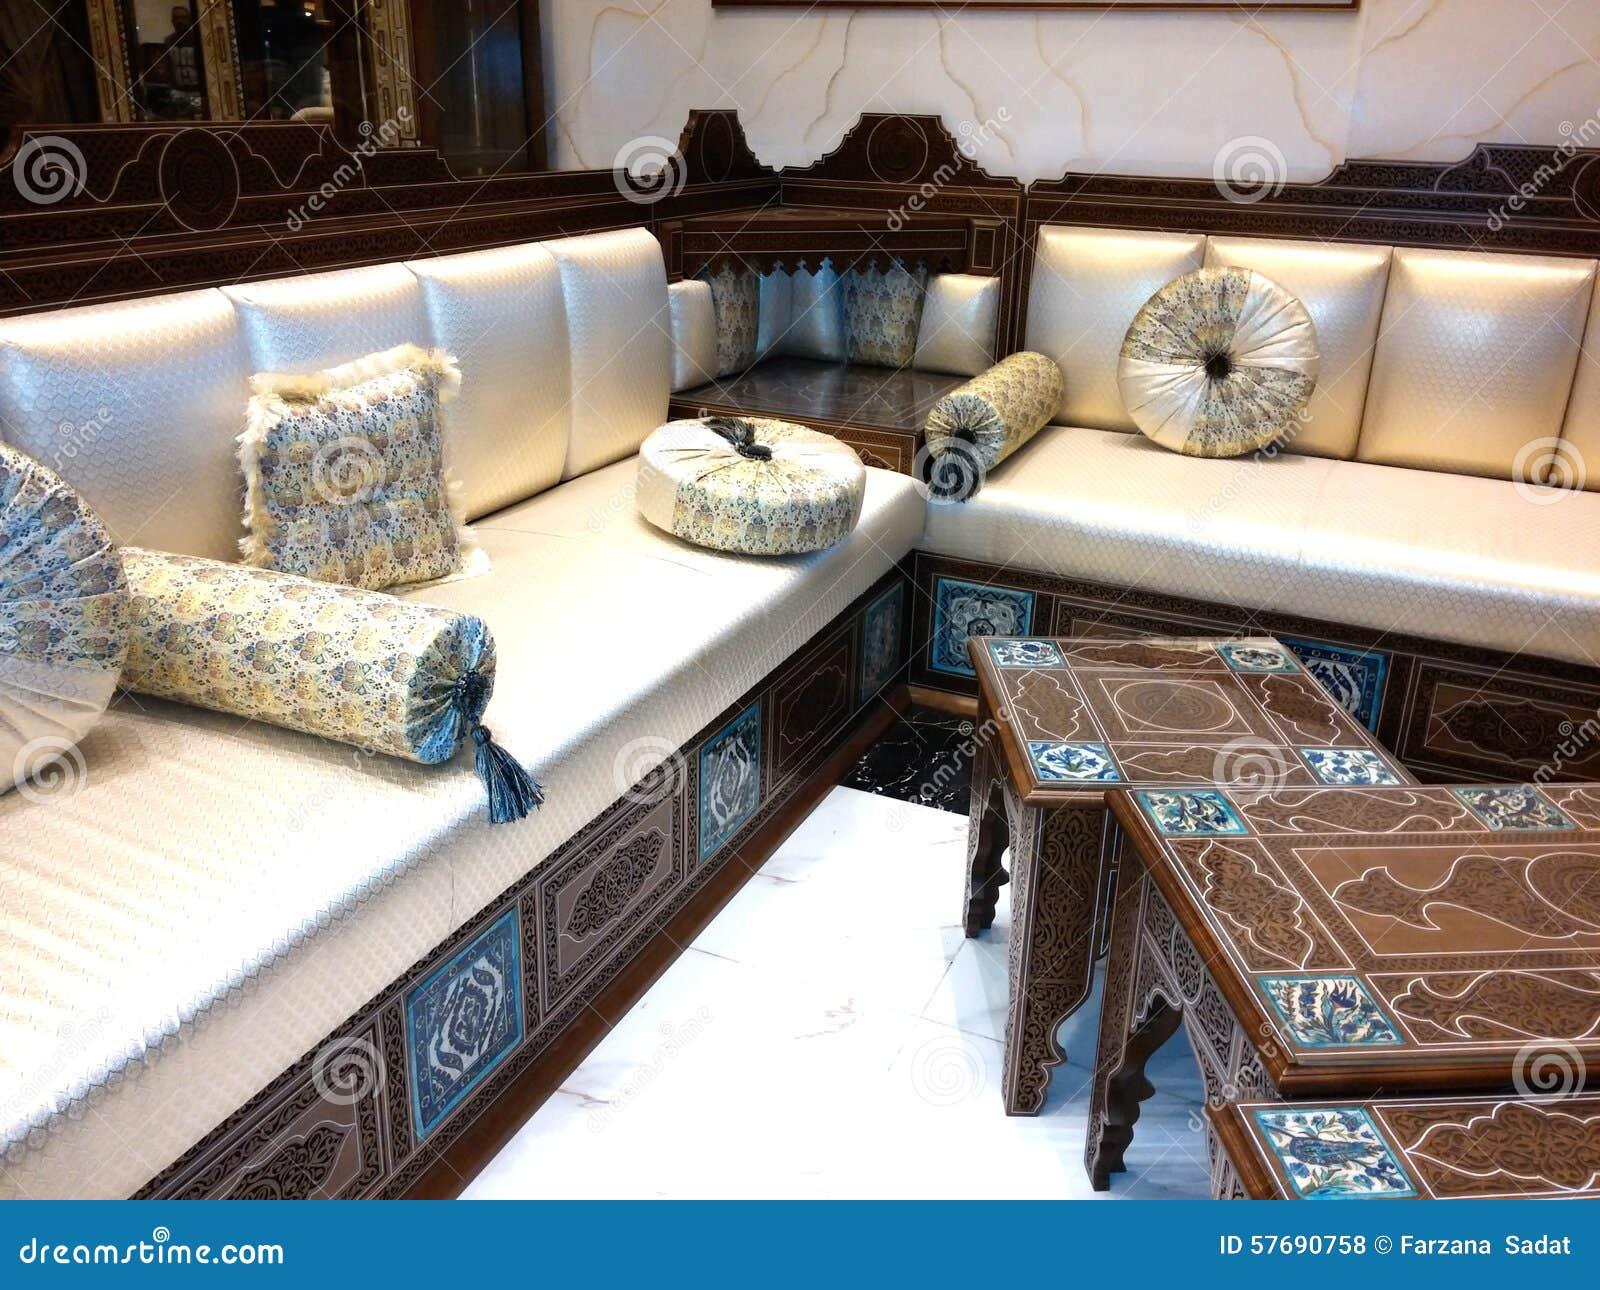 Stockfoto Sofa Bild Zuhause Von Traditionelles Arabisches bH2DYE9eWI